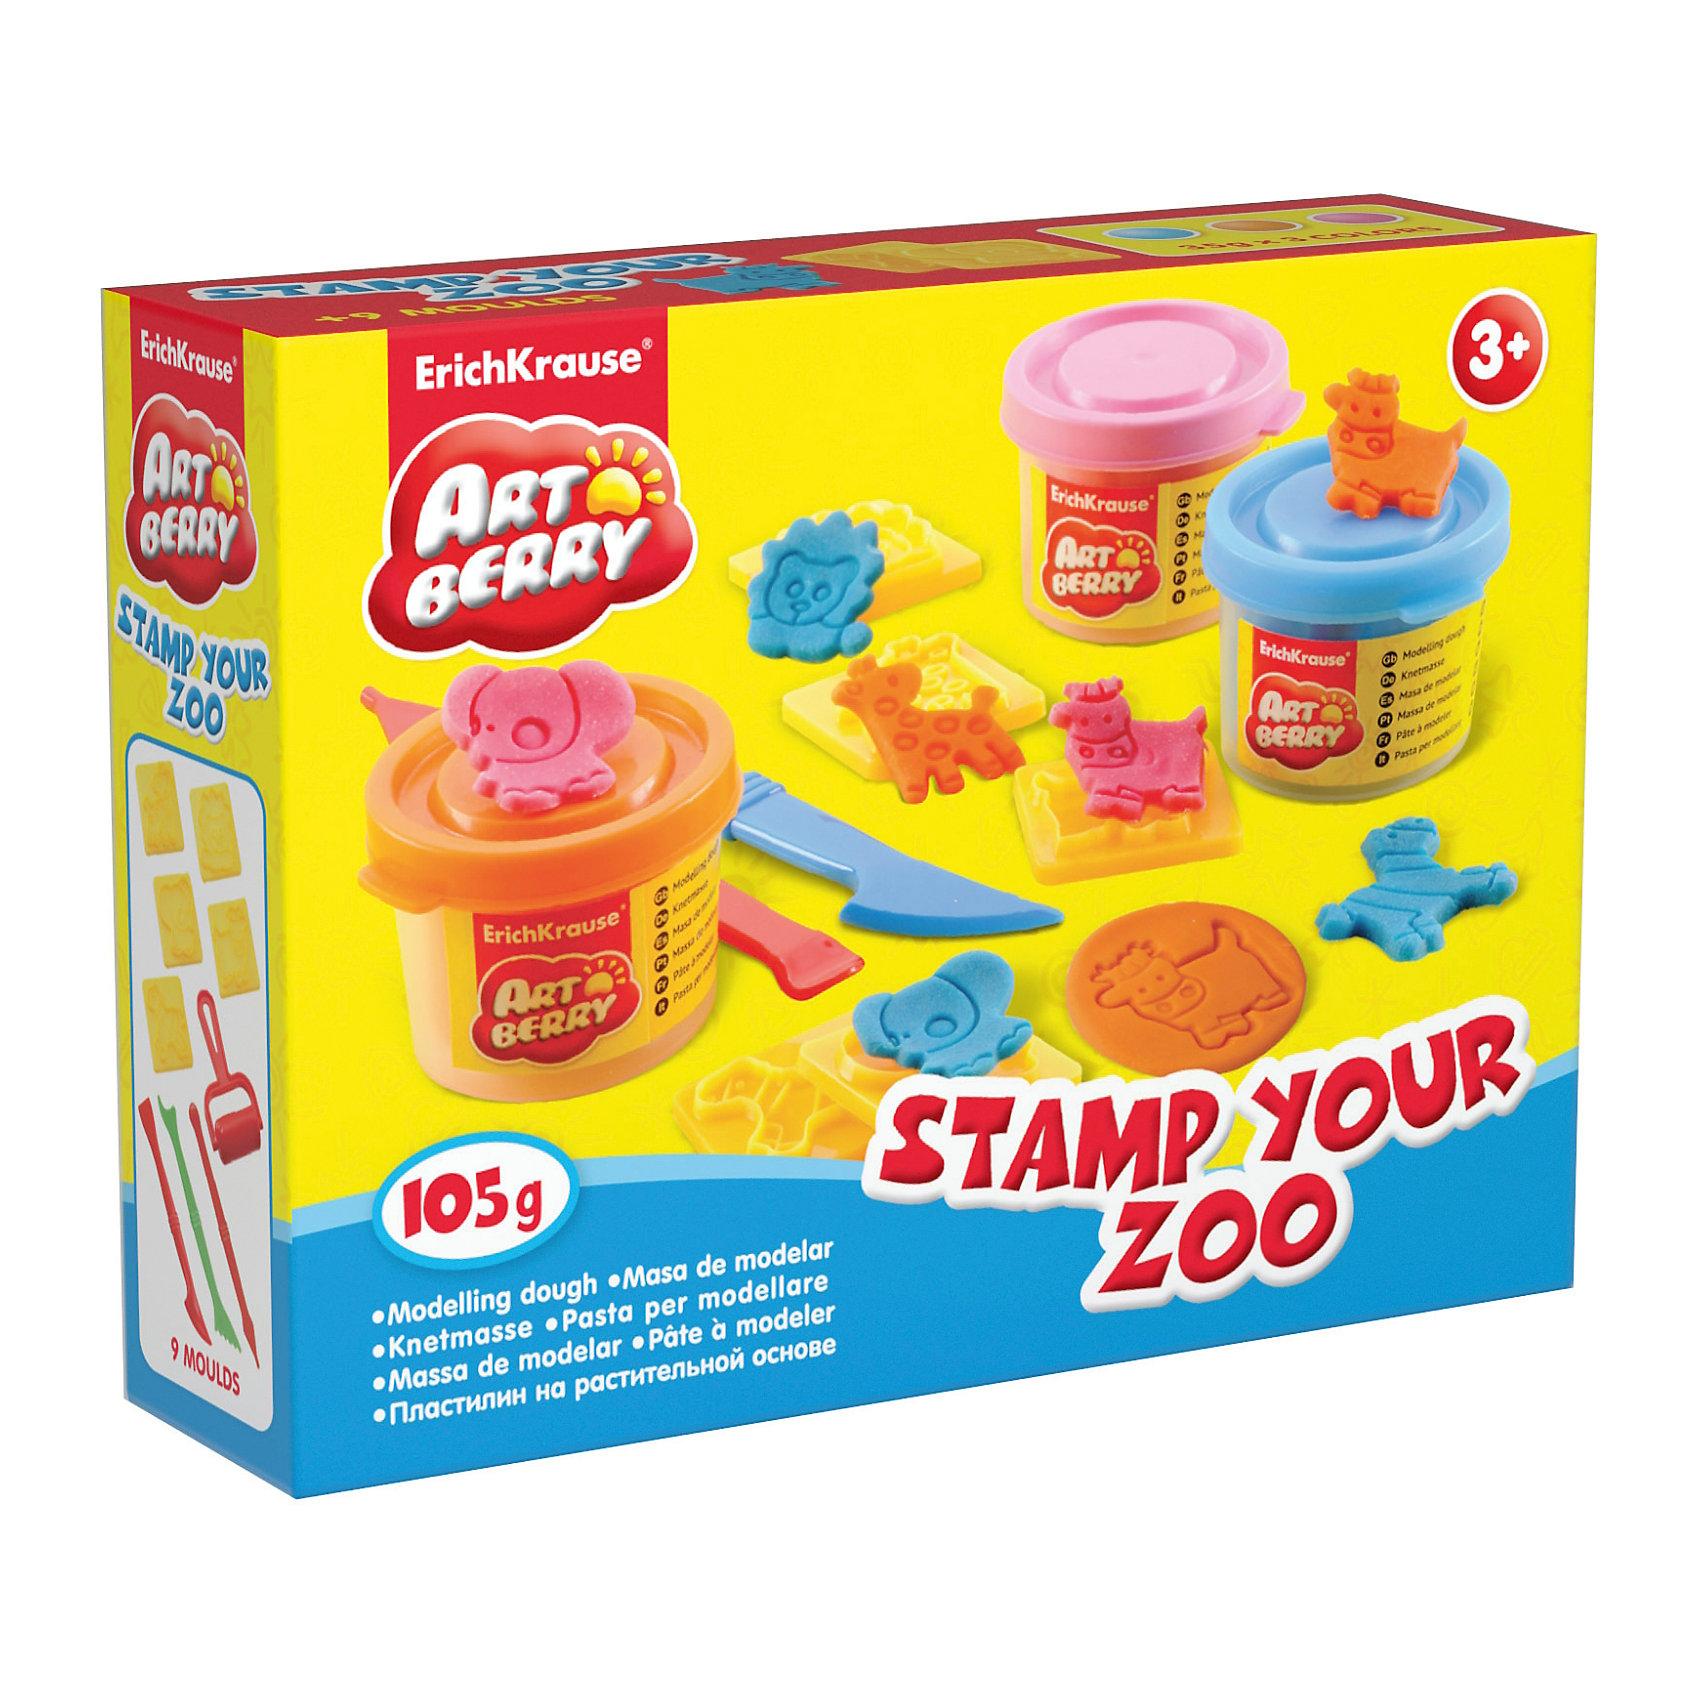 Набор для лепки: Пластилин на растительной основе Stamp Your Zoo 3 цвета по 35гНаборы для лепки<br>Характеристики товара:<br><br>• материал упаковки: картонная коробка в термоплёнке<br>• в комплект входит: 3 цвета пластилина по 35 г + 5 штампов, 3 стека, ролик для пластилина<br>• возраст: от 3 лет<br>• габариты упаковки: 15х12х4 см<br>• вес: 200 г<br>• страна производитель: Россия<br><br>Натуральная продукция – настоящая находка для детского творчества. Так, пластилин на растительной основе станет любимым материалов для творчества у вашего малыша. Мягкий, приятный для тактильного восприятия, он станет фаворитом среди пластилинов у малыша.<br><br>Набор для лепки: Пластилин на растительной основе Stamp Your Zoo 3 цвета по 35 г, можно купить в нашем интернет-магазине.<br><br>Ширина мм: 155<br>Глубина мм: 115<br>Высота мм: 40<br>Вес г: 206<br>Возраст от месяцев: 36<br>Возраст до месяцев: 2147483647<br>Пол: Унисекс<br>Возраст: Детский<br>SKU: 5409336